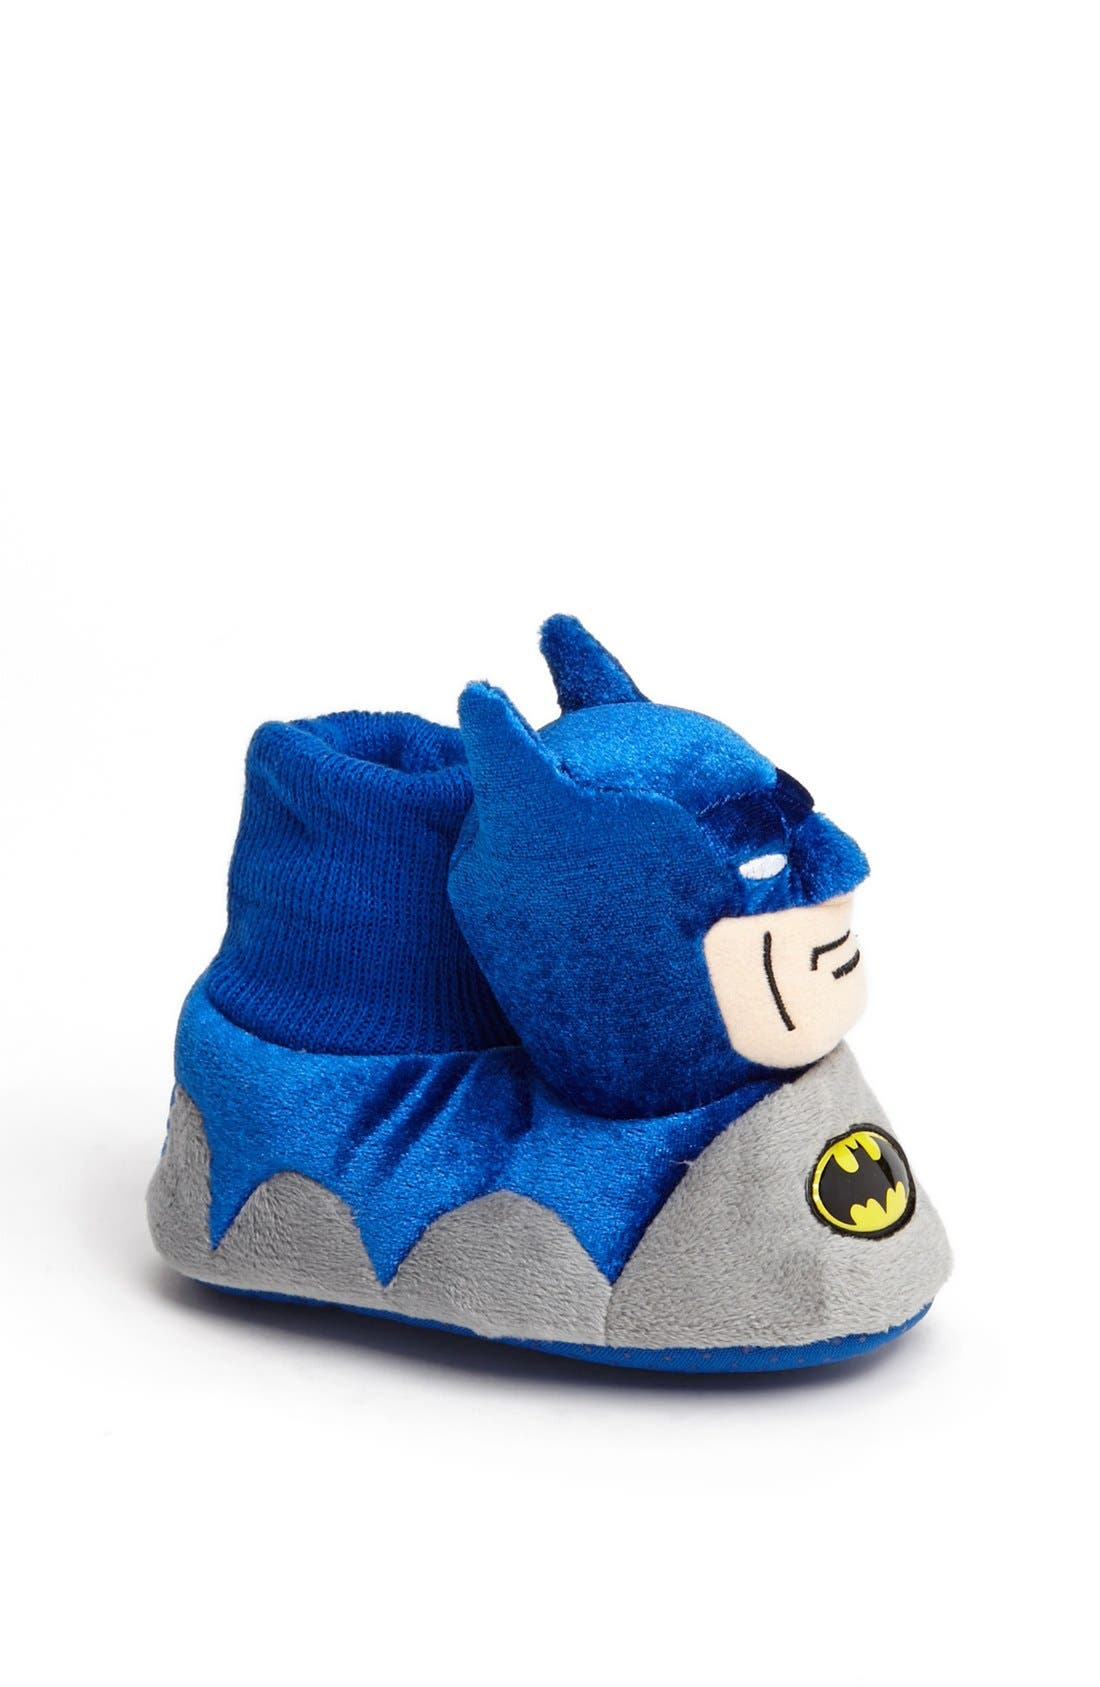 Alternate Image 1 Selected - Marvel 'Batman' Slipper (Walker & Toddler)